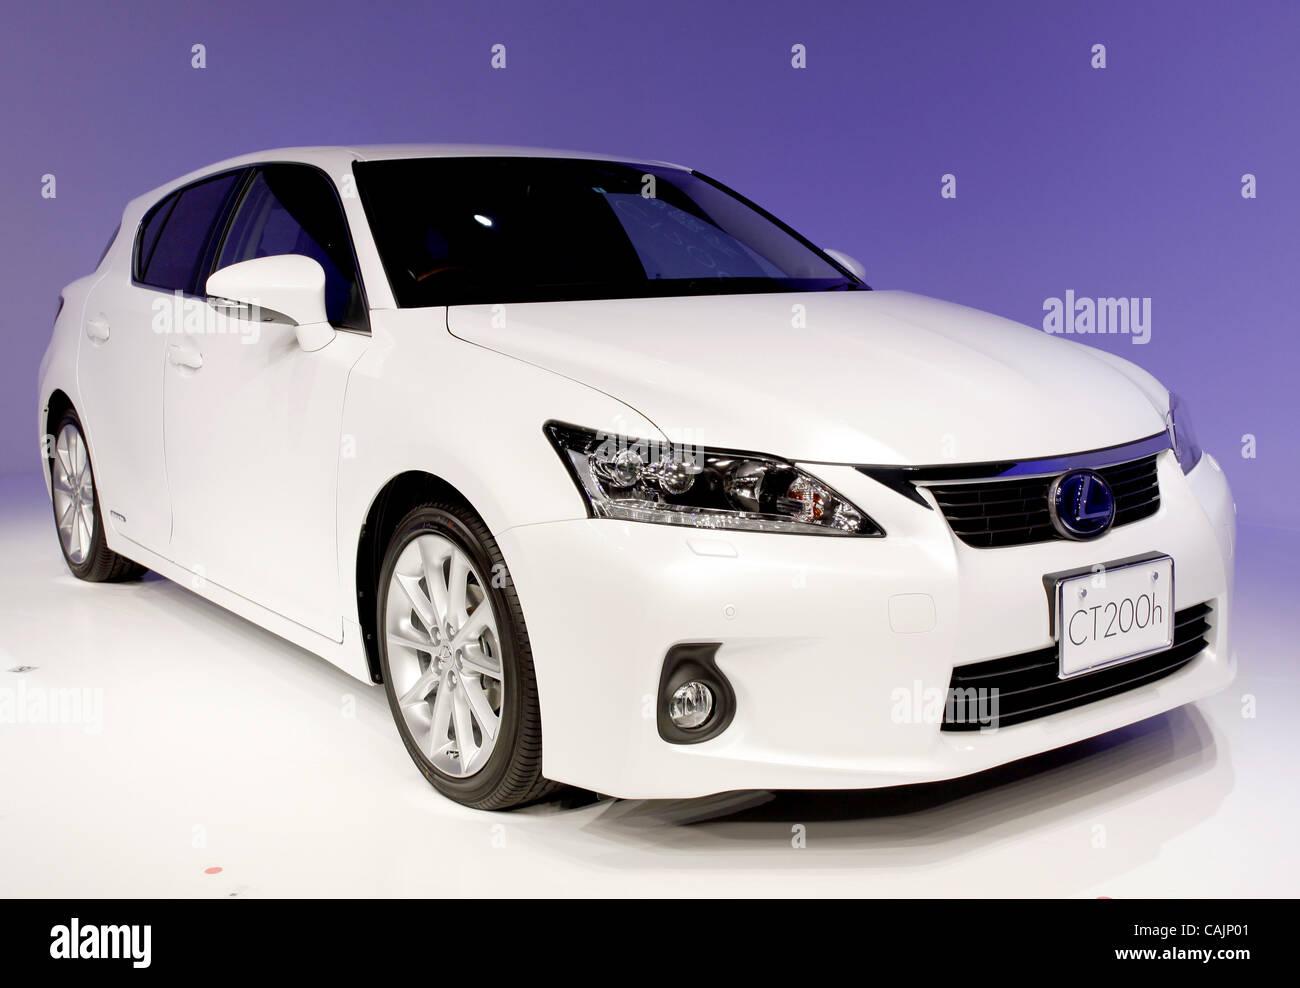 12 janvier 2011 - Tokyo, Japon - Toyota Motor Corporation a présenté le nouveau ''voiture Lexus Photo Stock